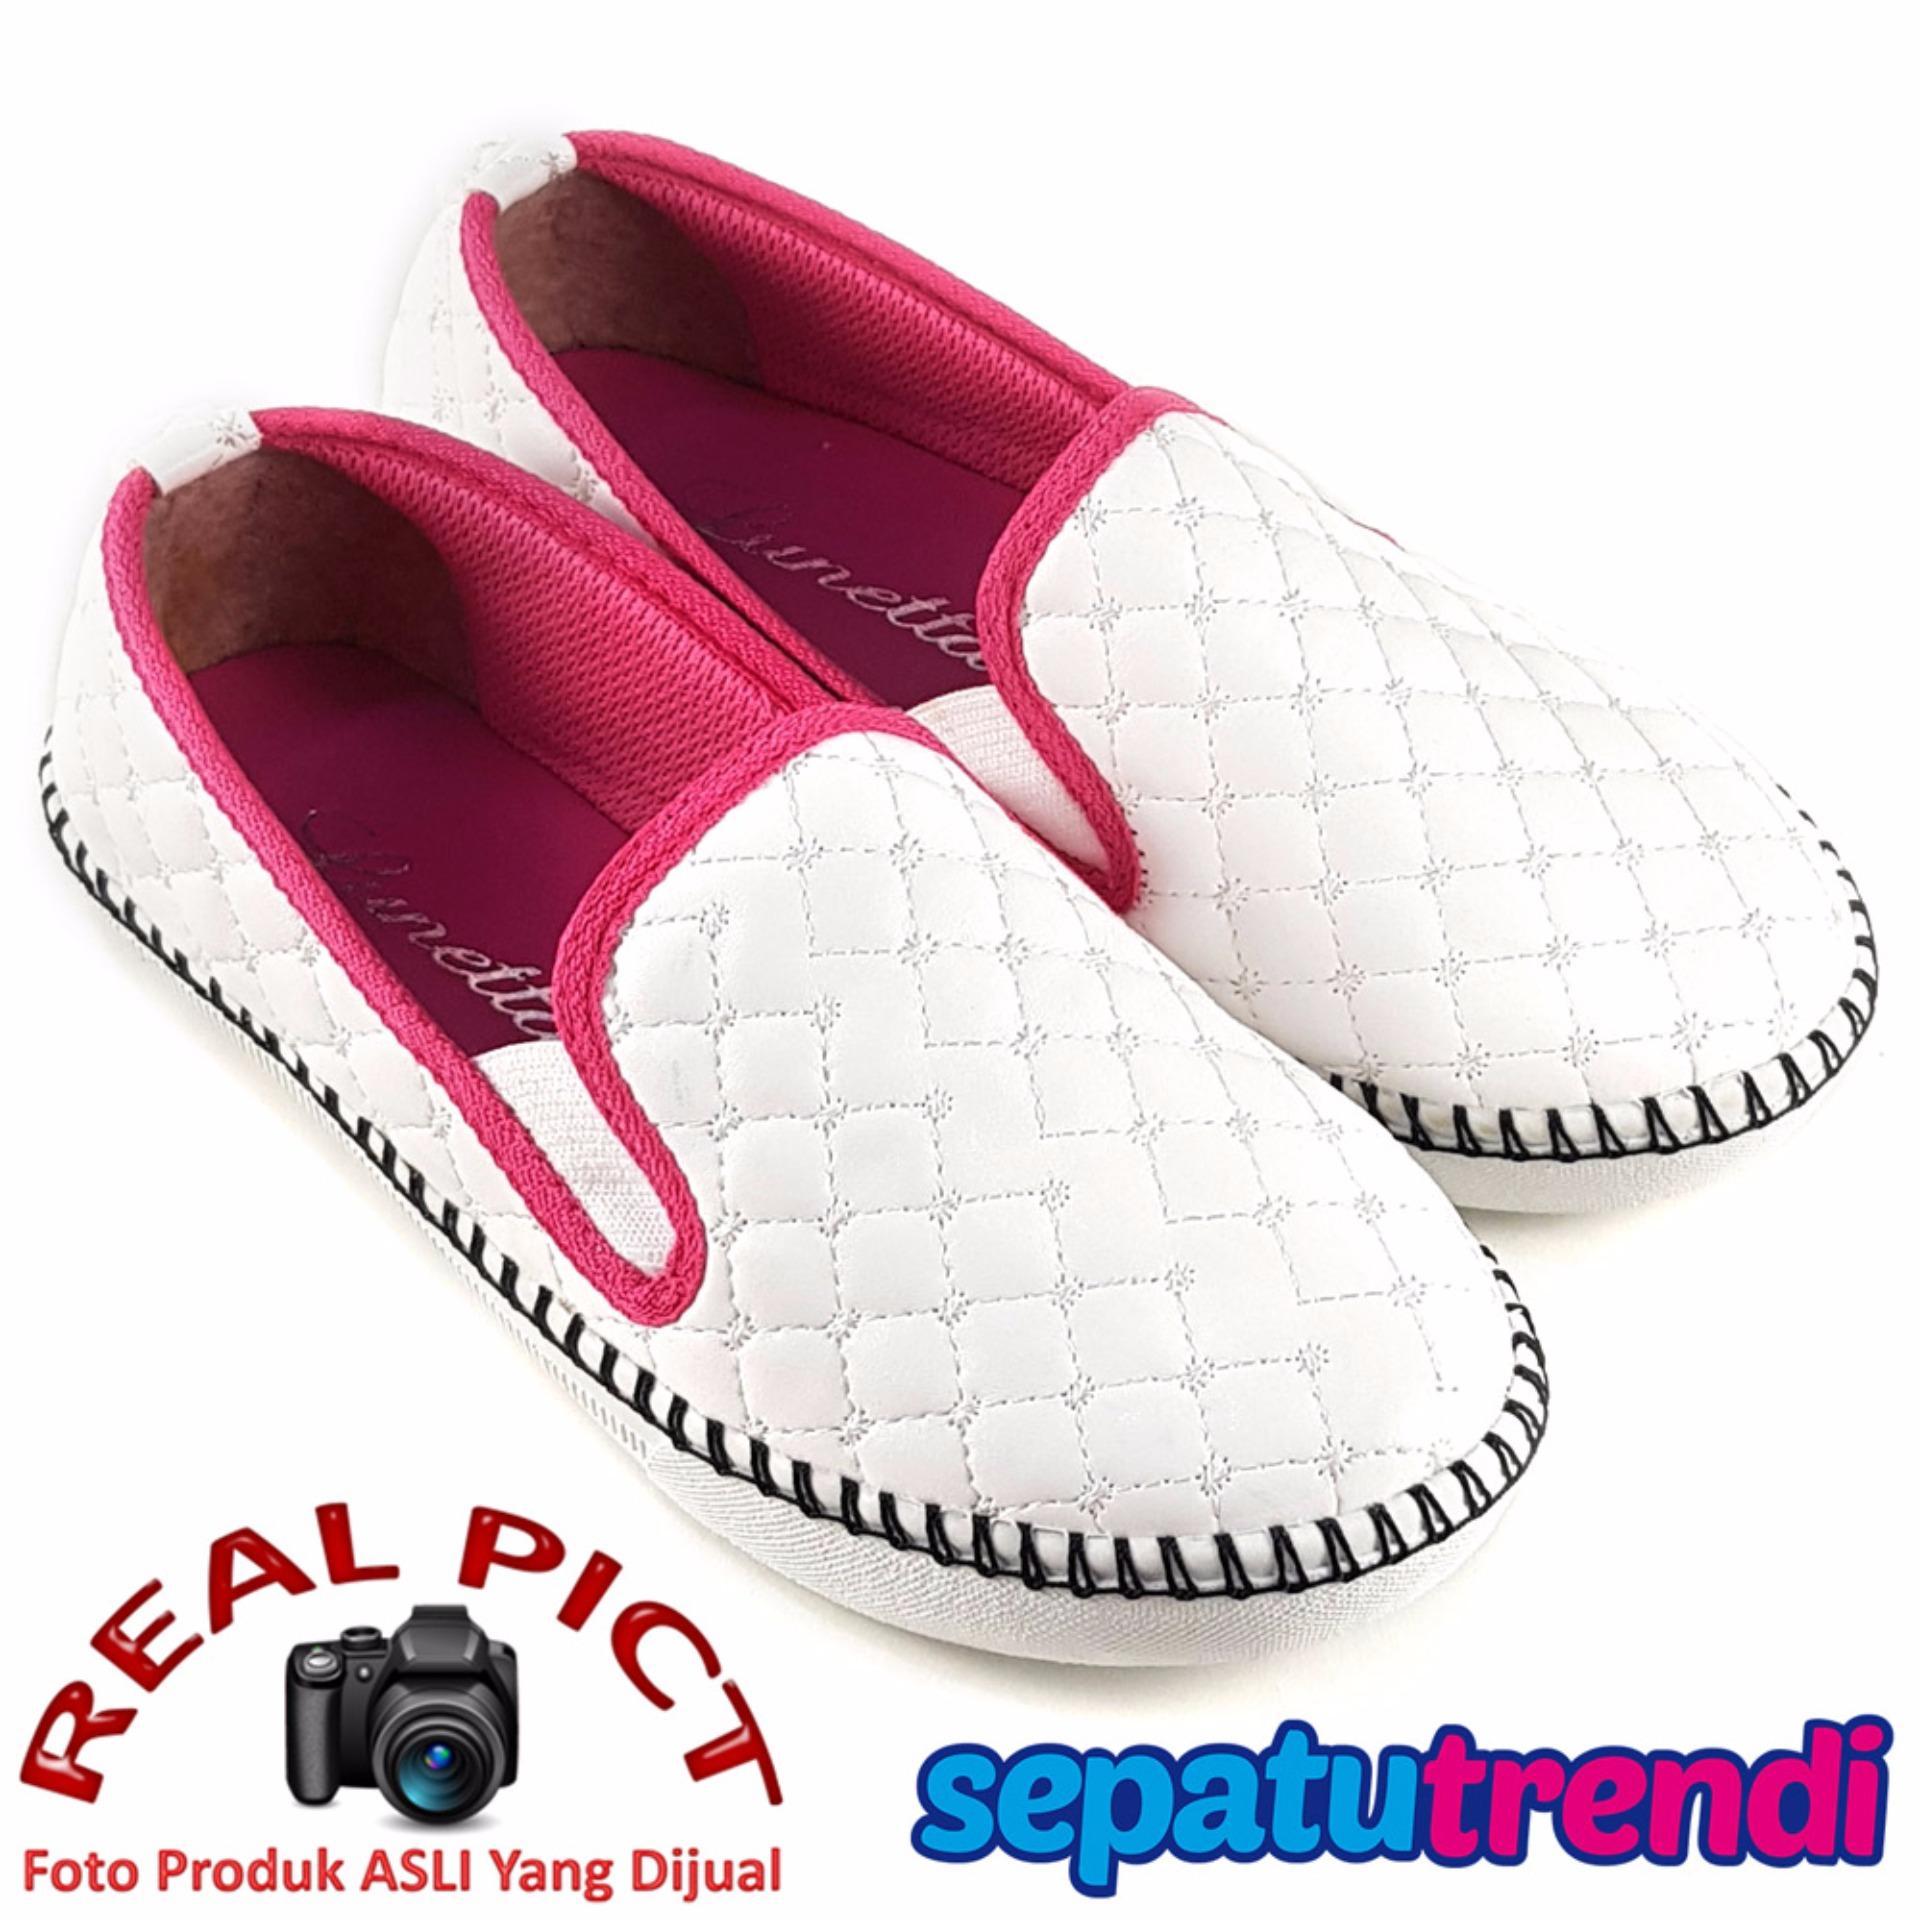 Beli Lunetta Sepatu Anak Perempuan Slip On Sol Rajut Rjag Putih Yang Bagus